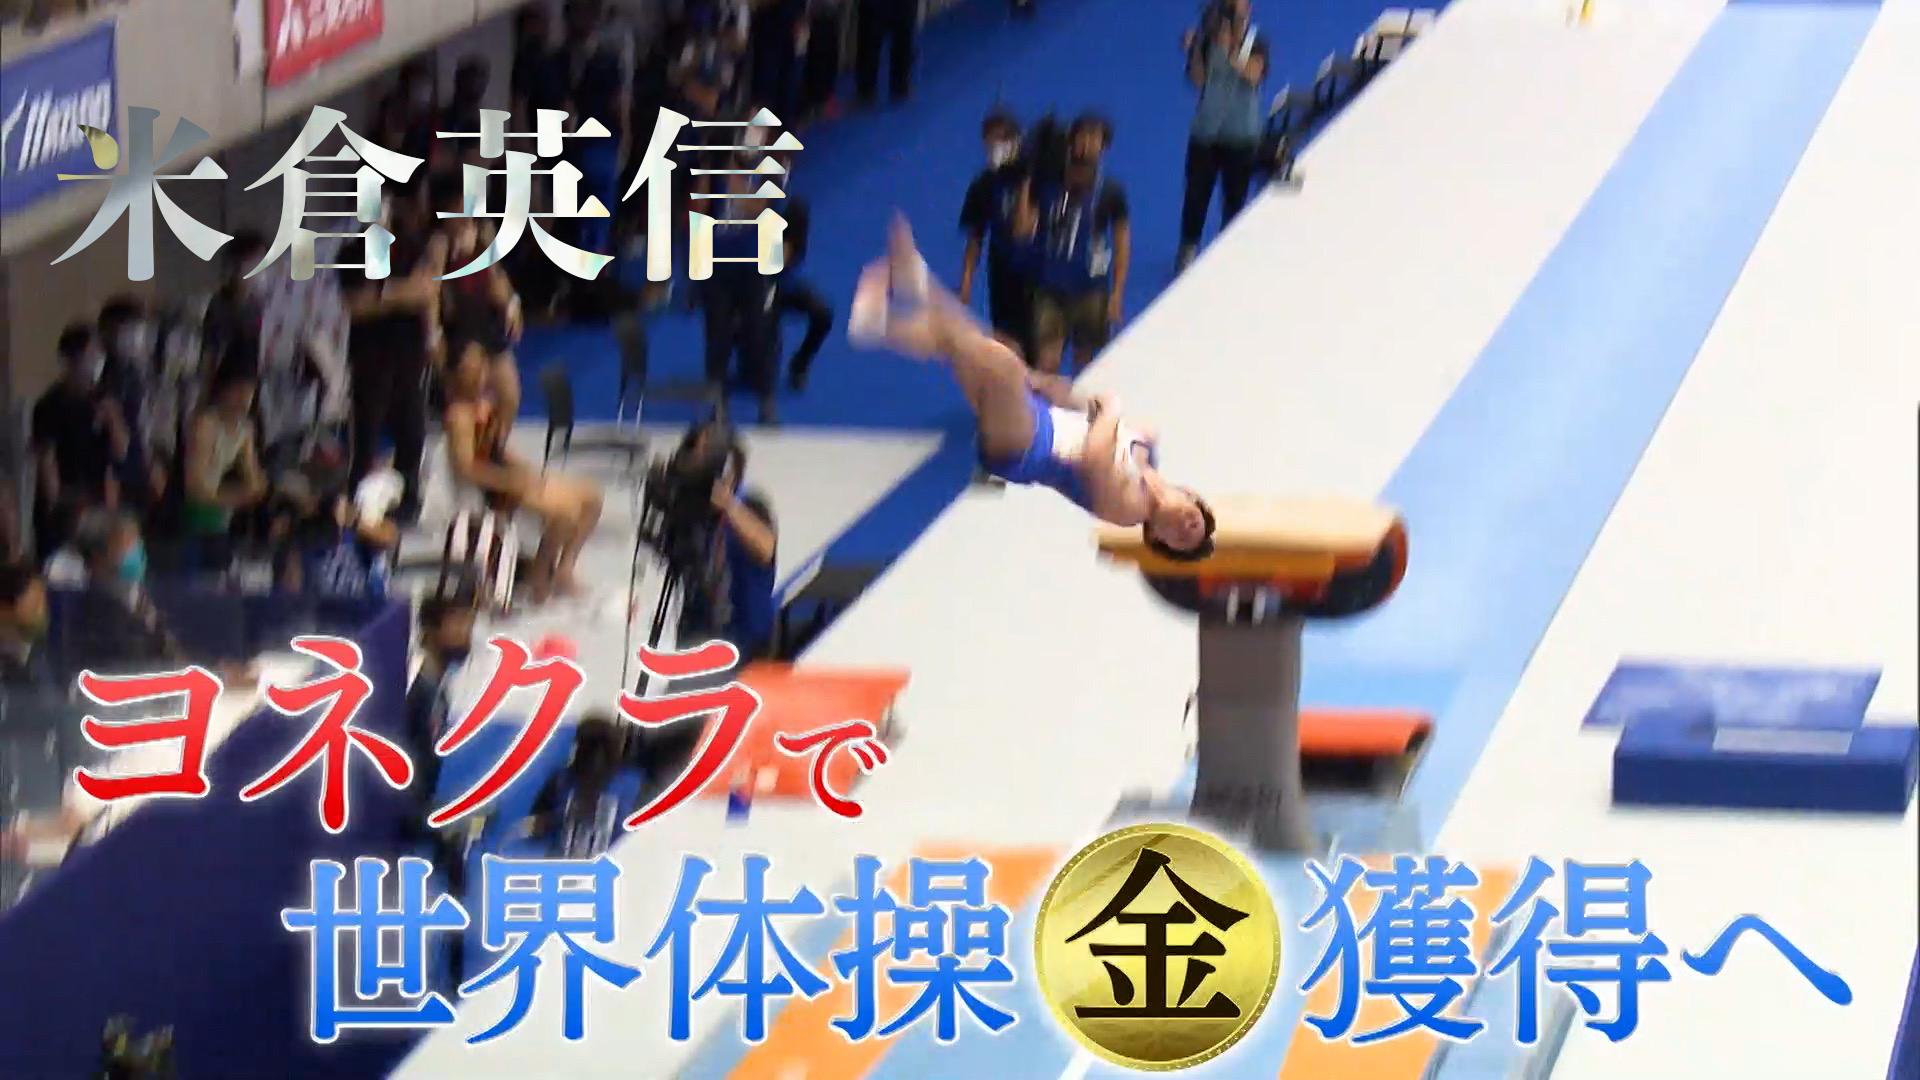 米倉英信 世界体操で金メダル獲得へ!